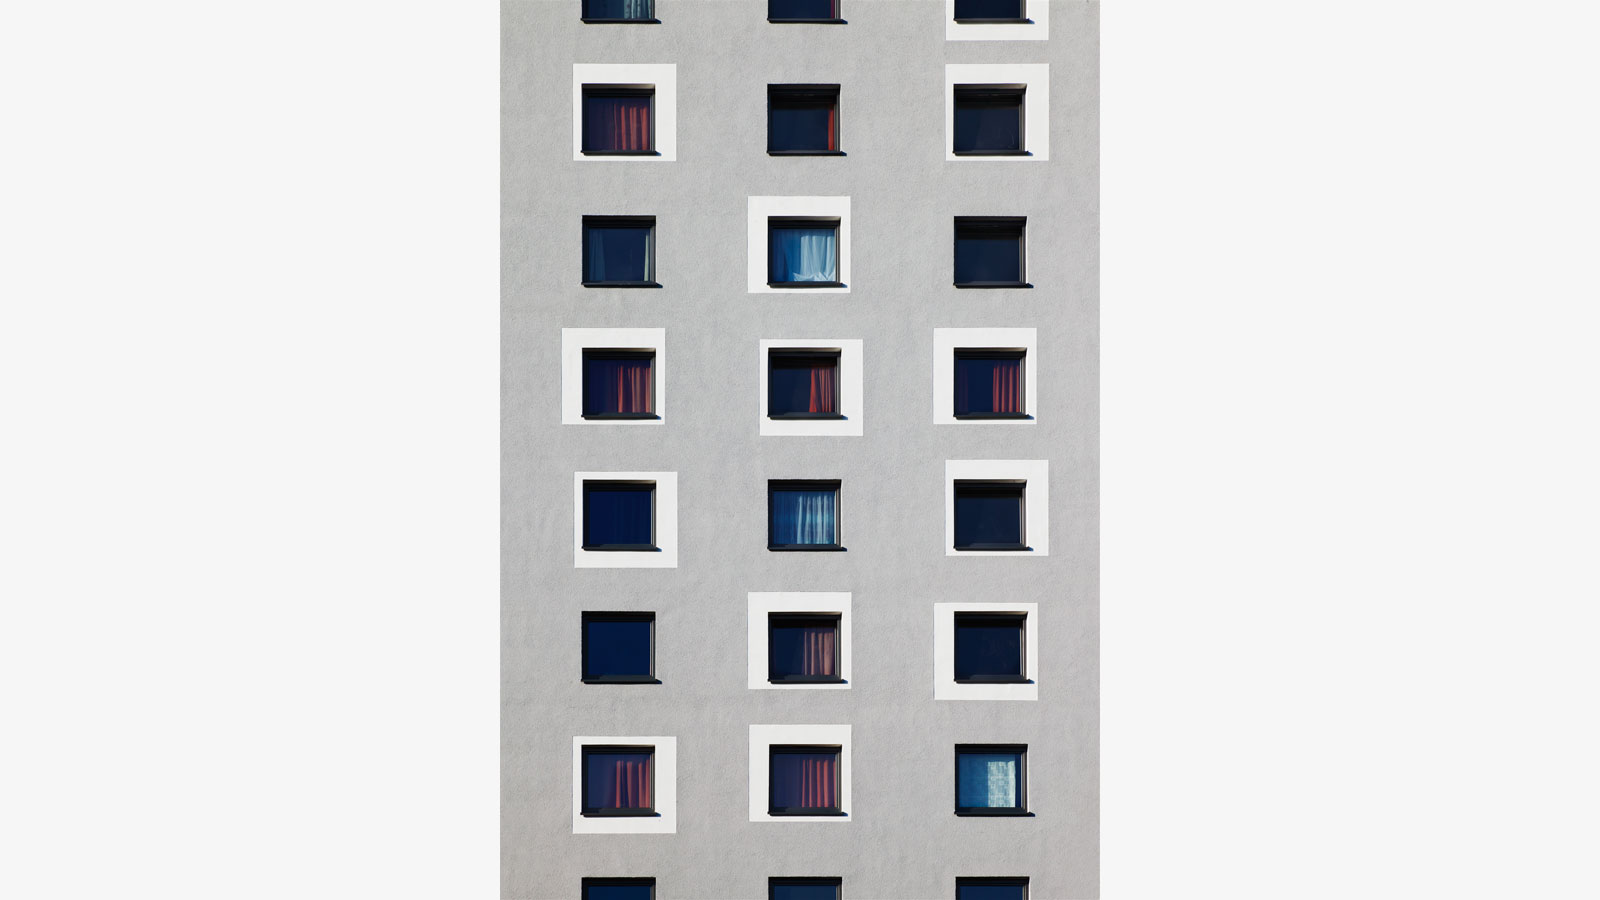 Energetische Modernisierung Studentenwohnheim, Fassade, Koenigs Rütter Architket